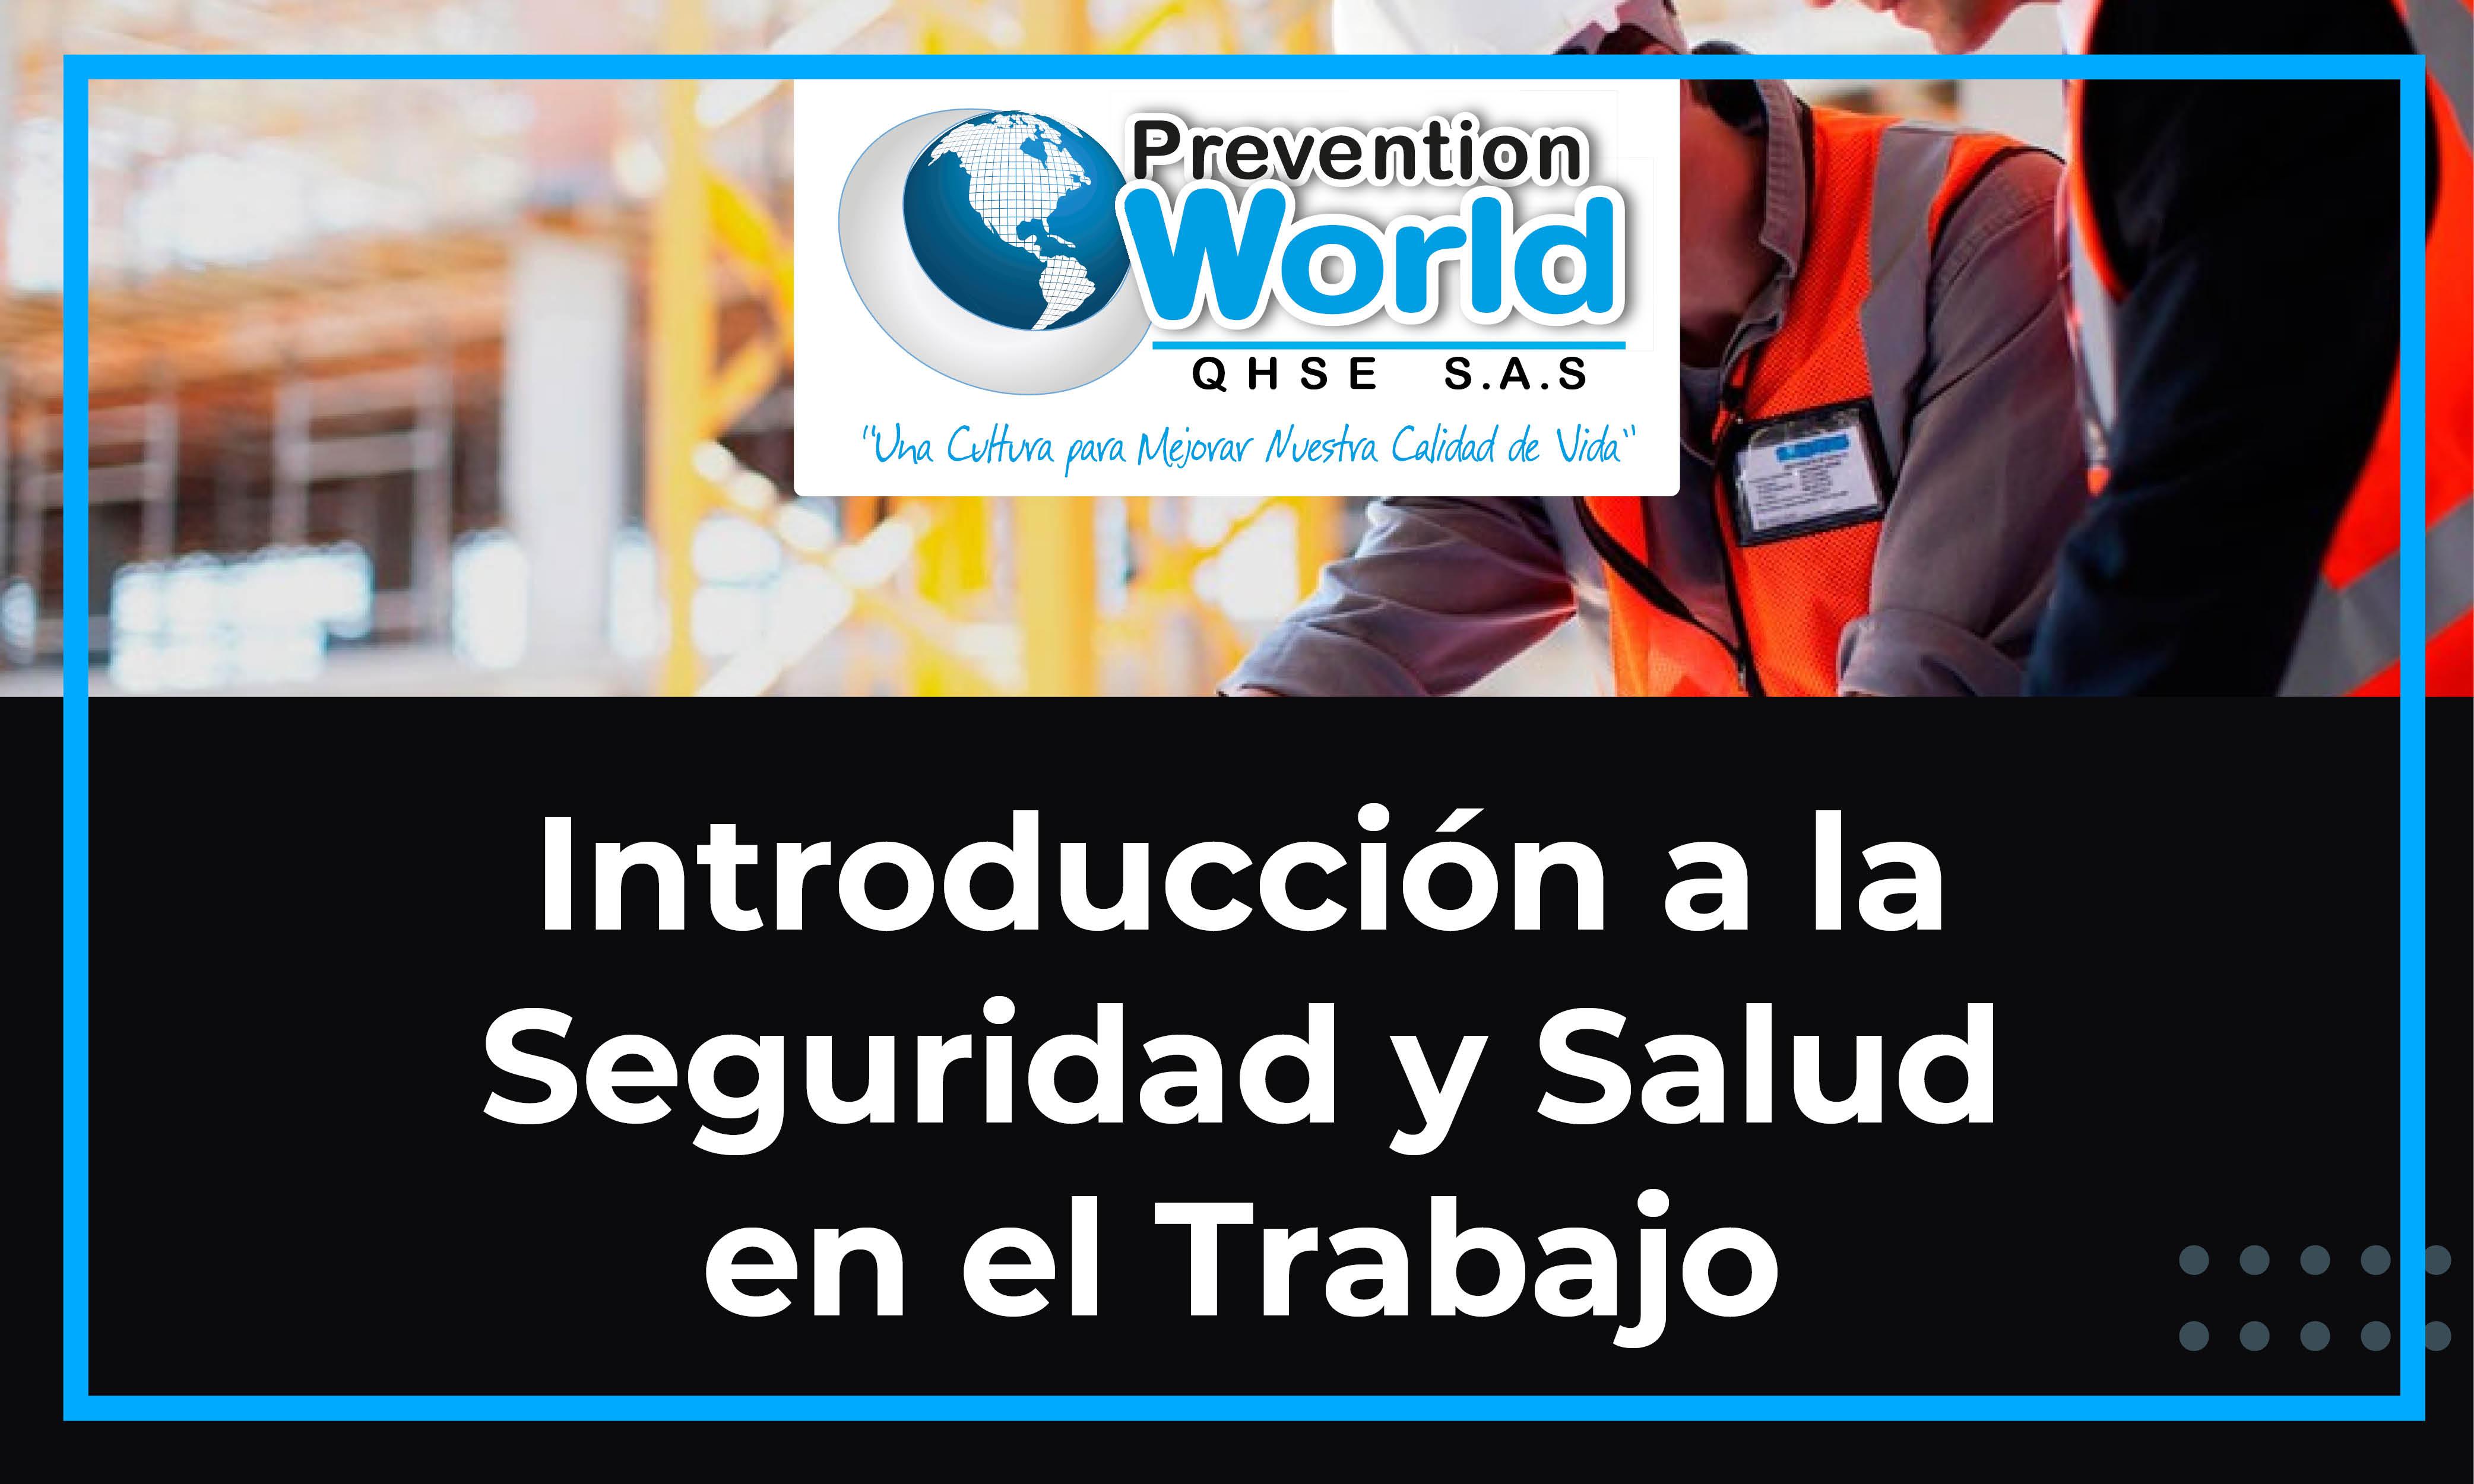 Introducción a la Seguridad y Salud en el Trabajo